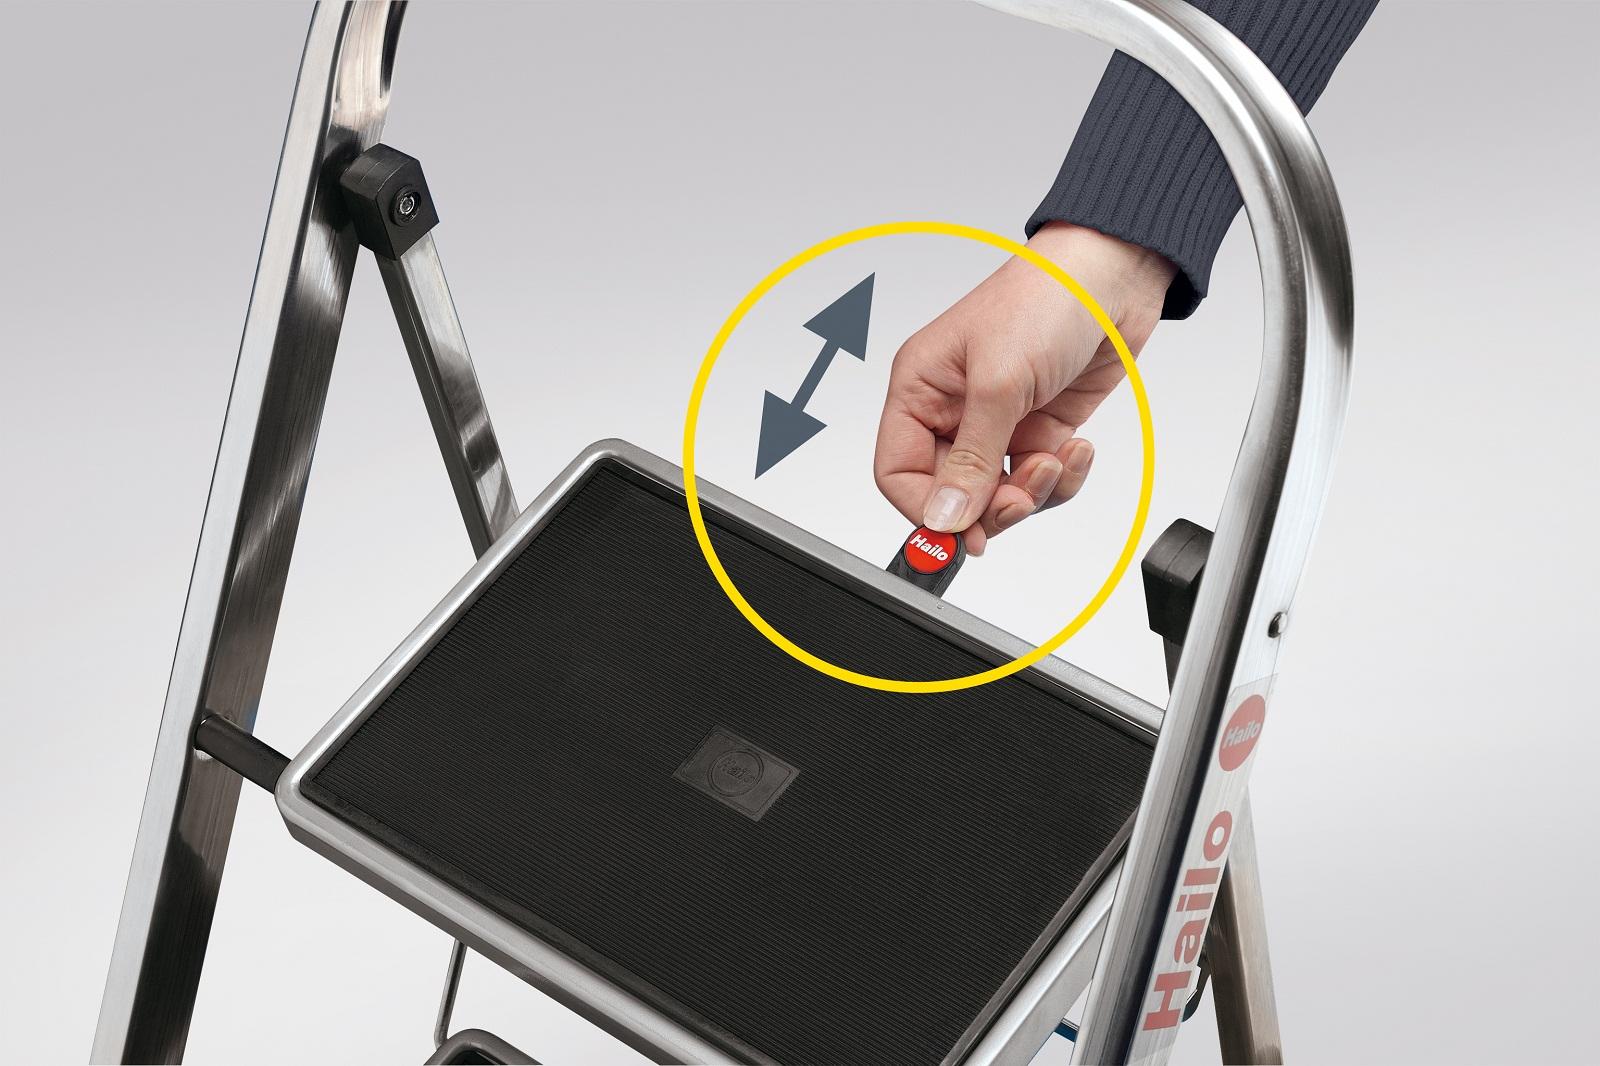 hailo k30 aluminium klapptritt mit sicherheitsb gel klapptritt leiter leitern ebay. Black Bedroom Furniture Sets. Home Design Ideas